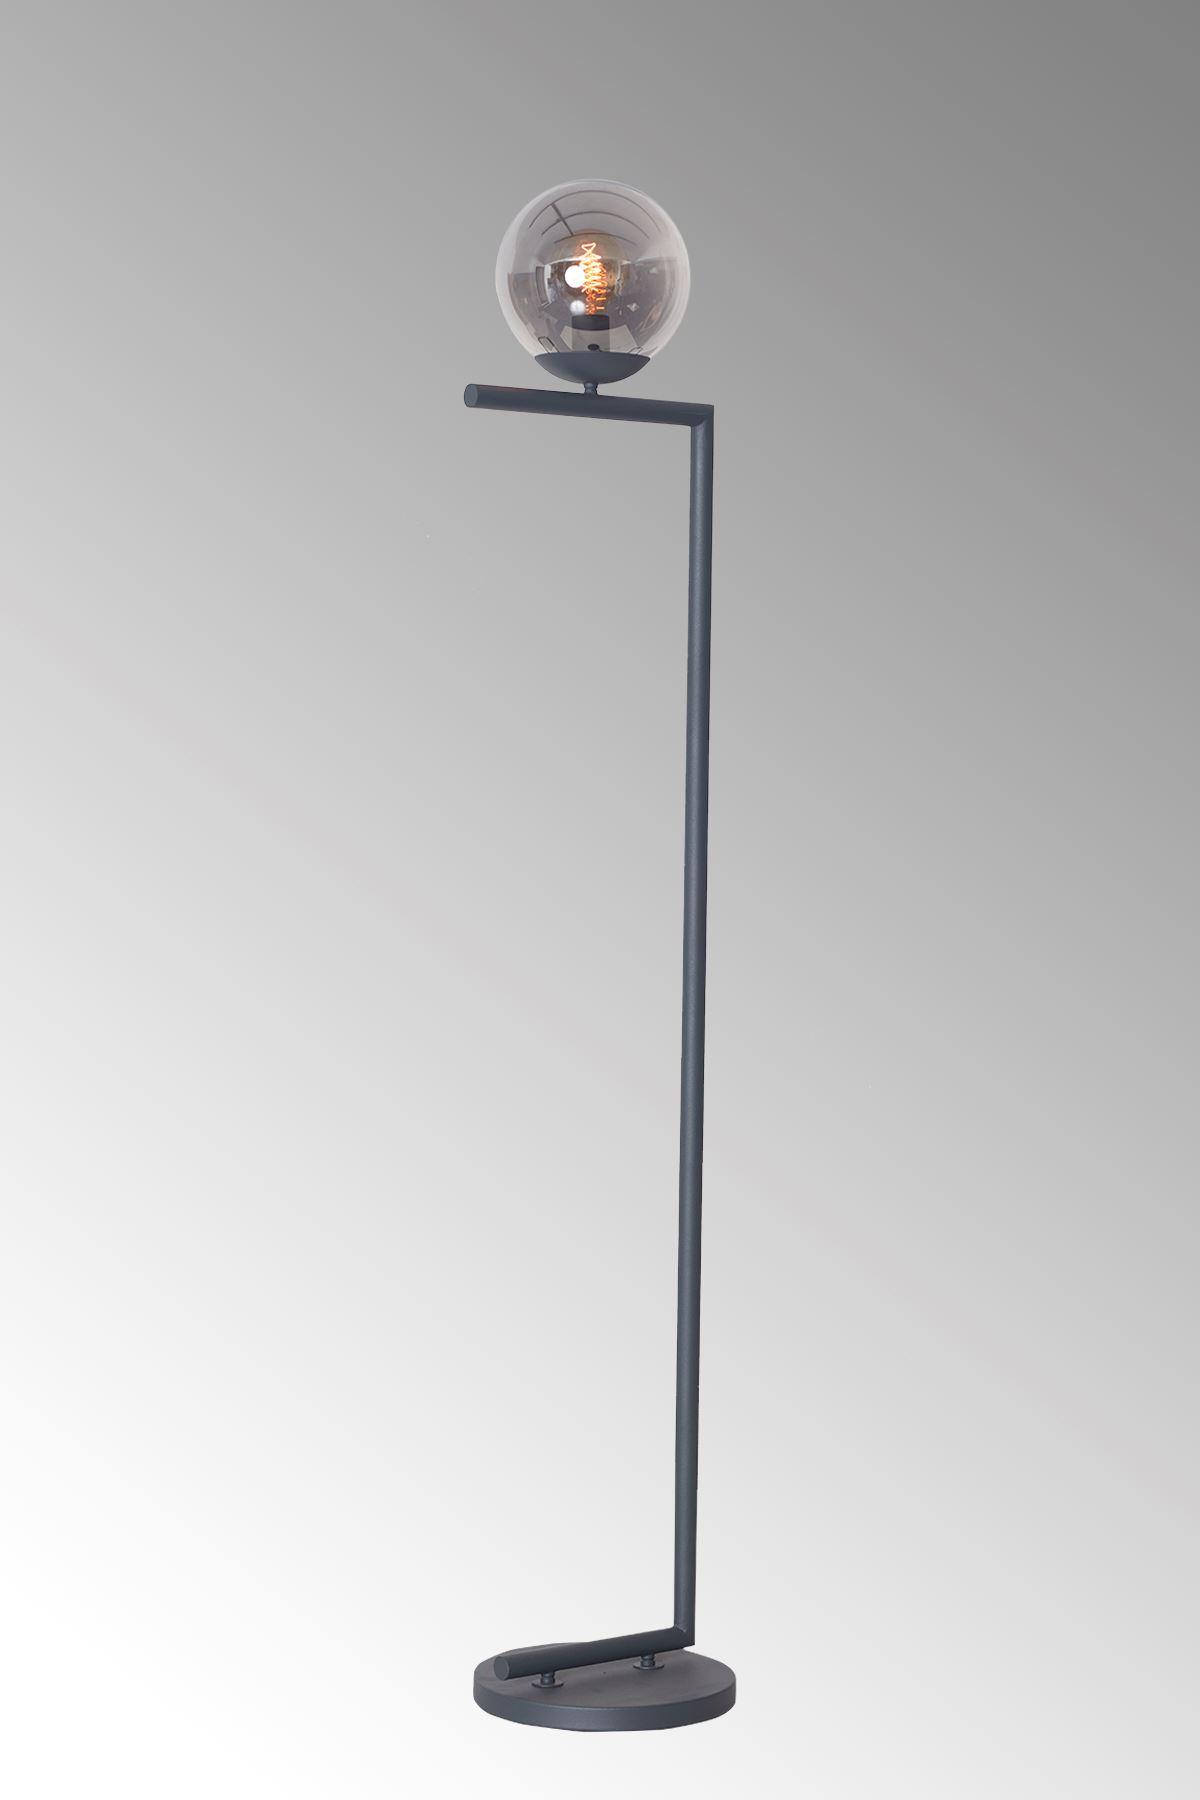 Casa Antrasit Metal Gövde Füme Camlı Tasarım Lüx Yerden Aydınlatma Lambader